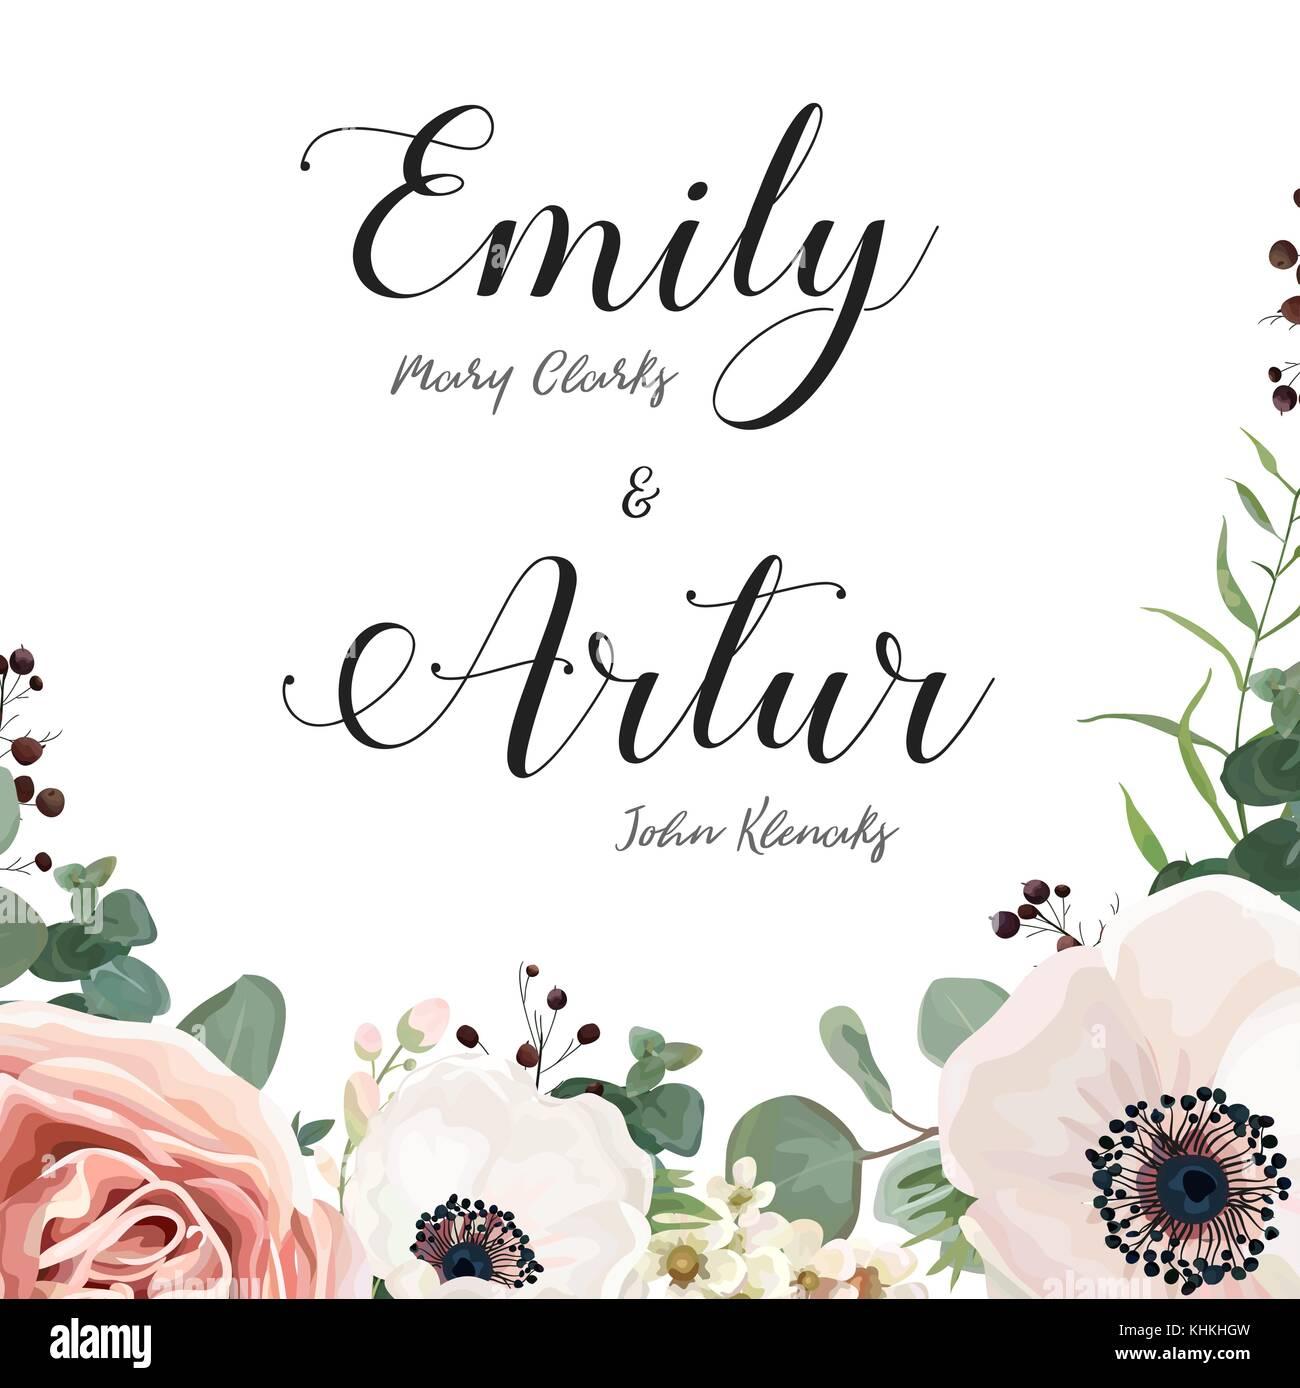 Blumen Hochzeit Einladung Elegante Karte Vektor Design Einladen